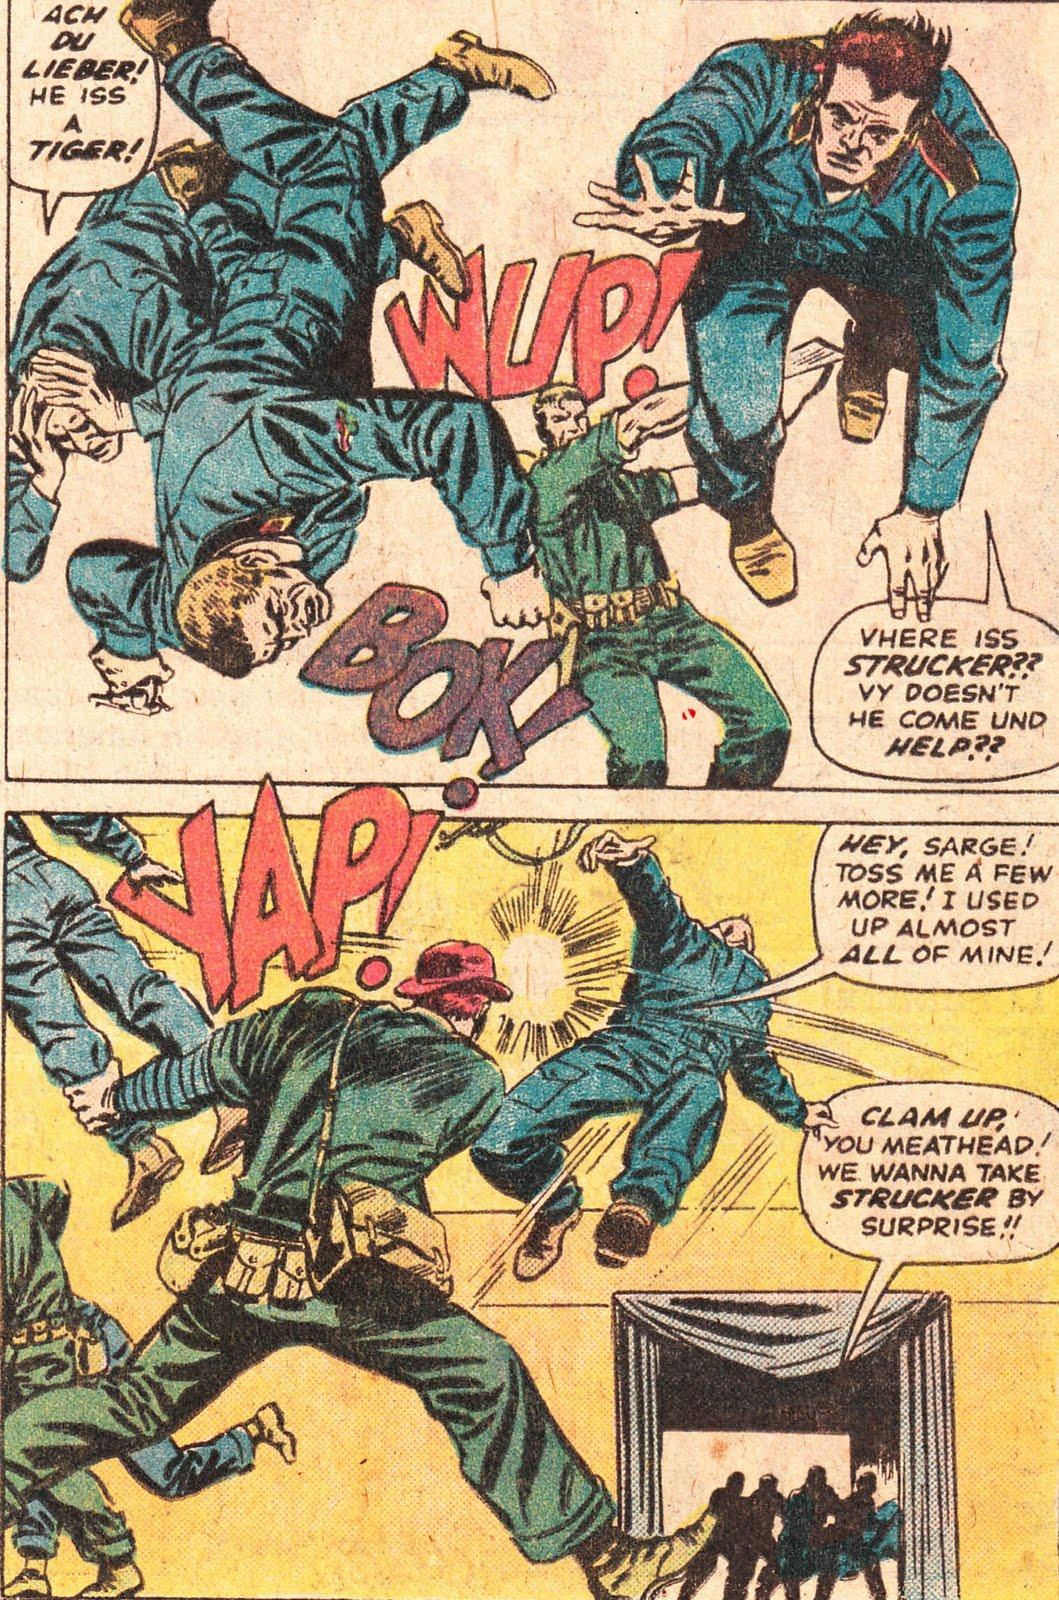 The Retro/Vintage Scan Emporium: War is heck (sound effects